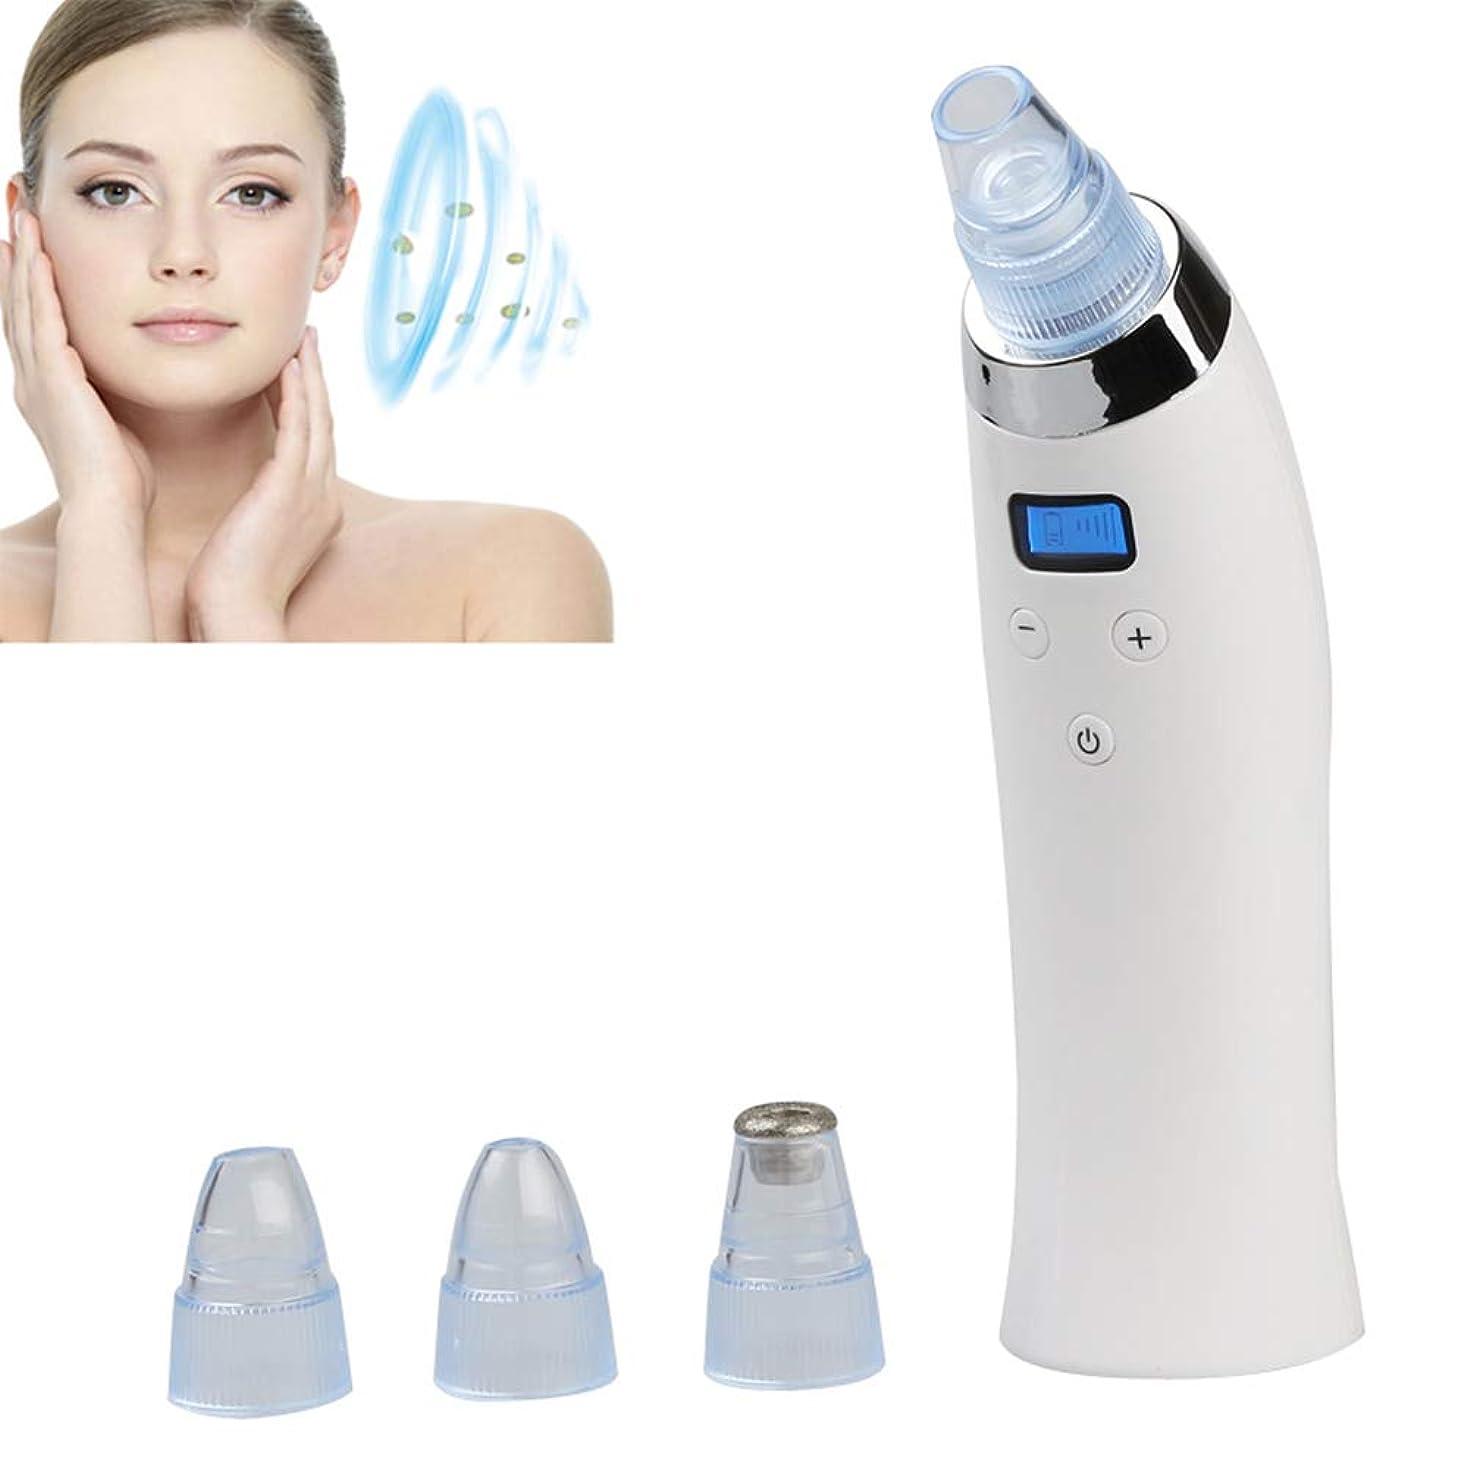 レジハリケーン農学女性と男性のための電気にきびリムーバーにきび抽出顔鼻にきび抽出器キット